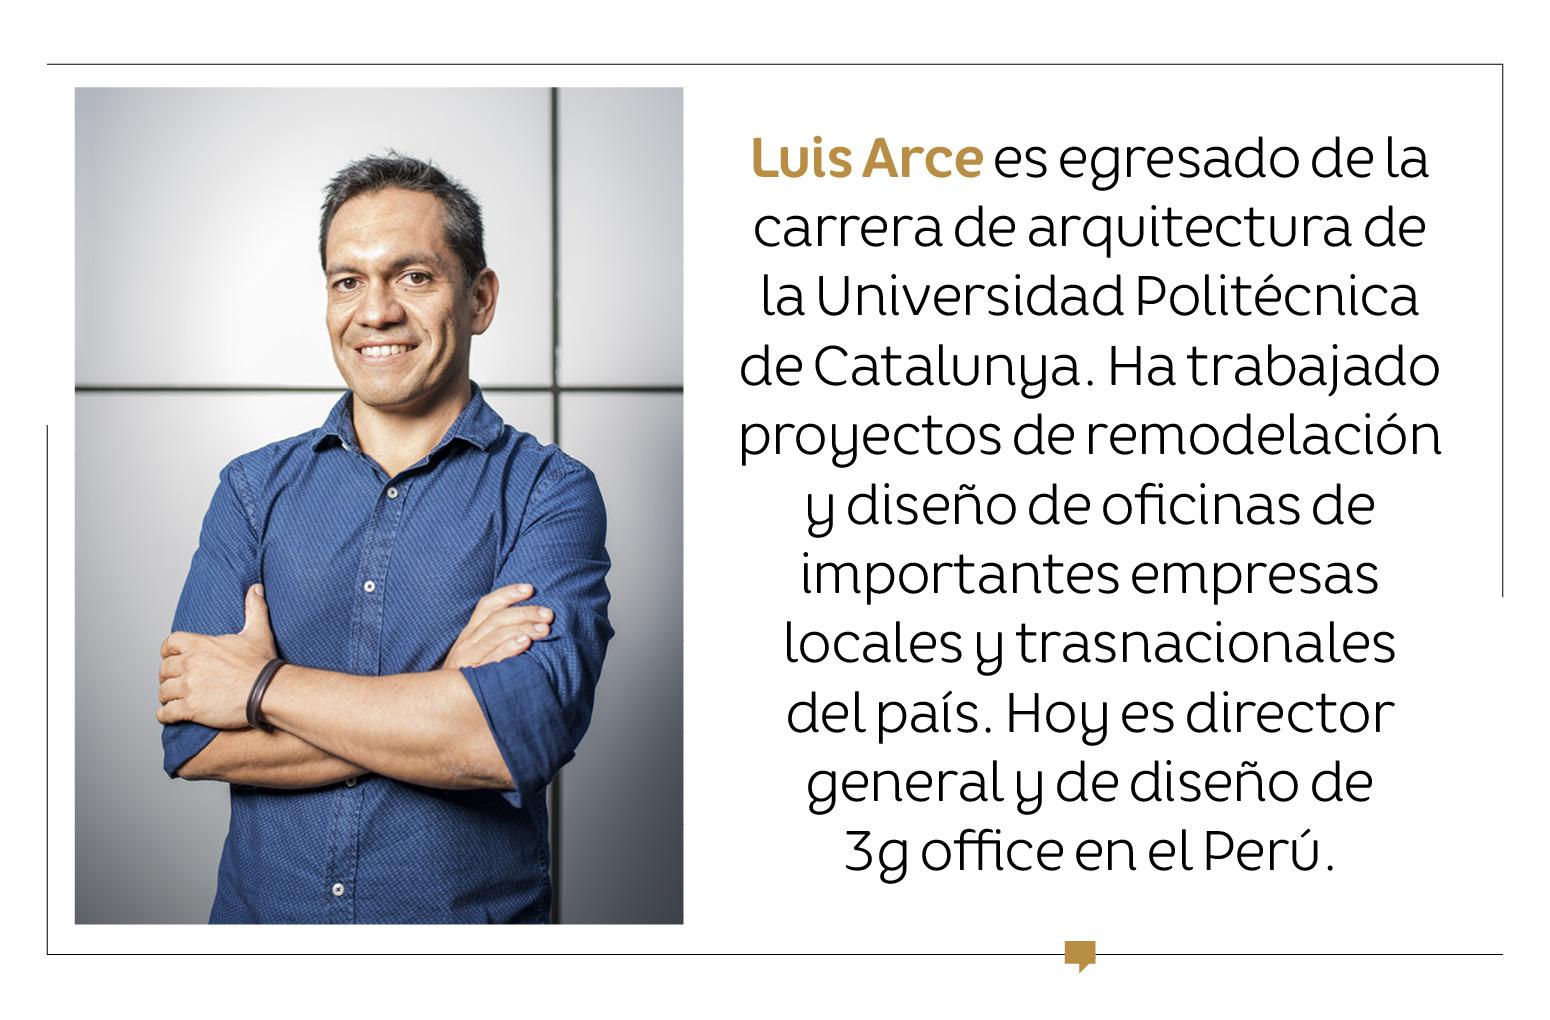 """Luis Arce: """"Se debe crear oficinas bajo la experiencia del trabajador"""""""